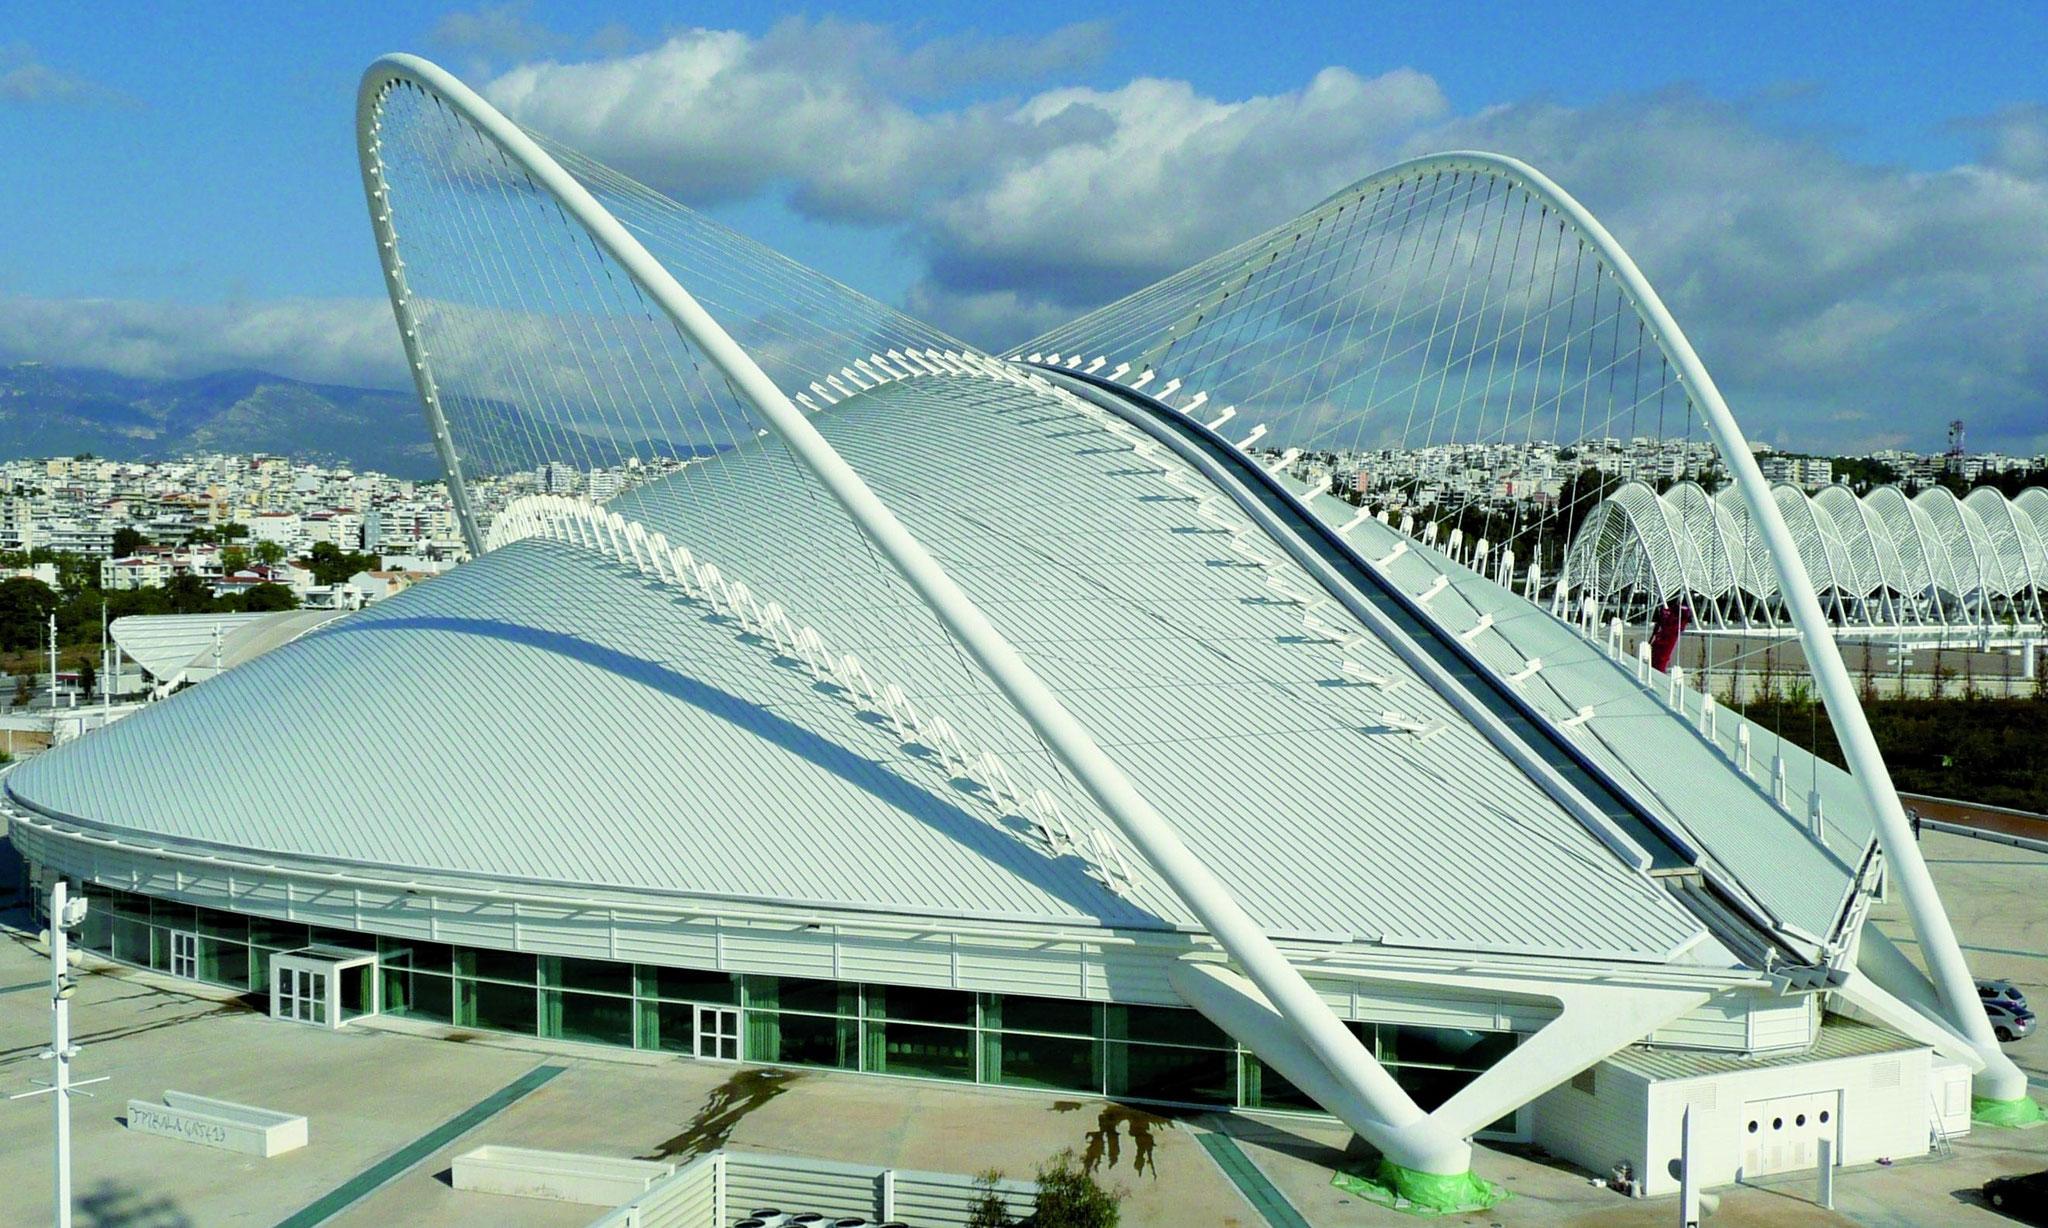 Olympische Spiele 2004 – Athen, Überdachung des Velodroms